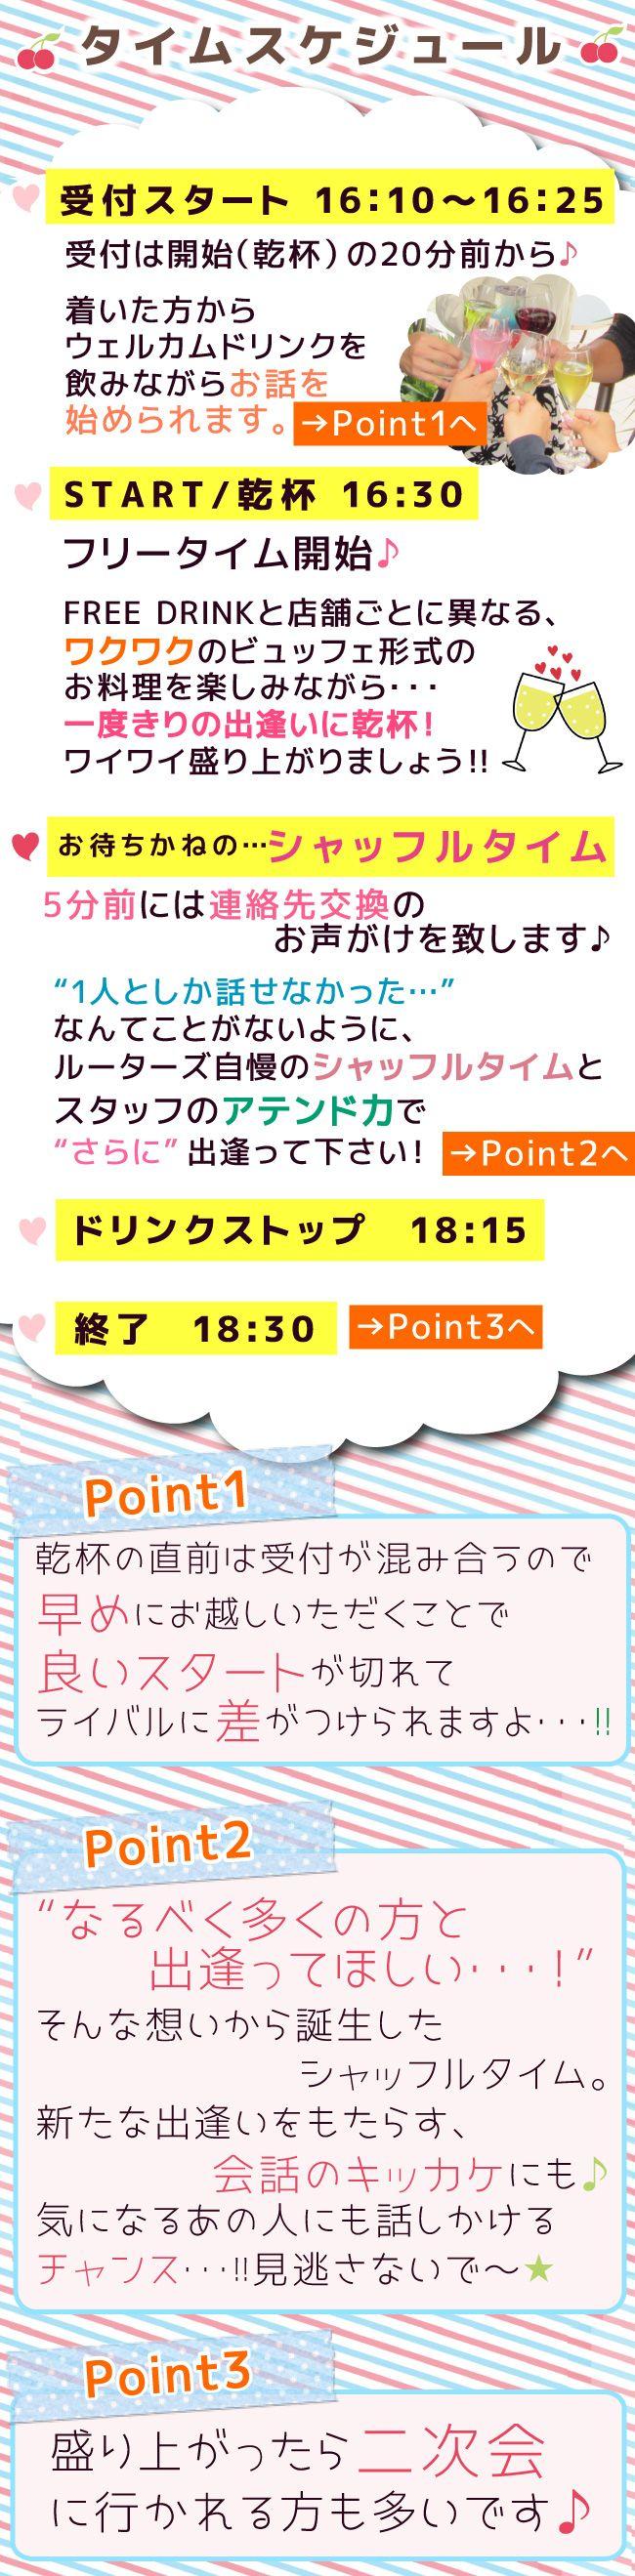 ★青山1610受付